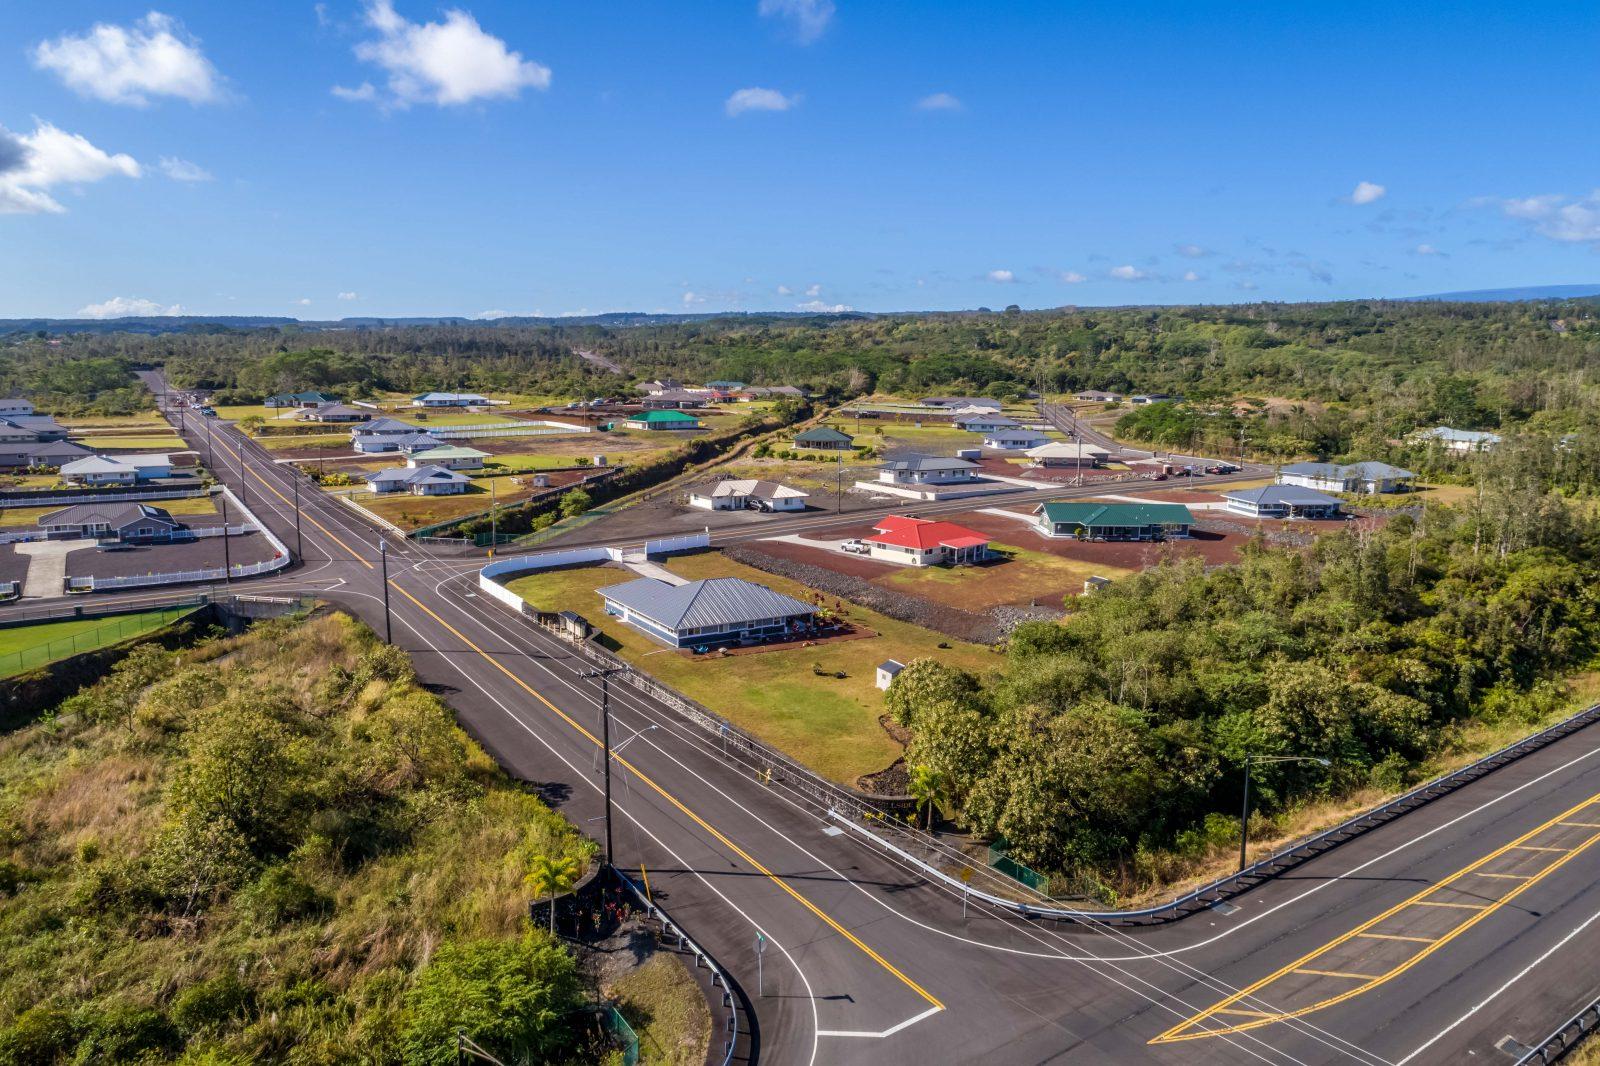 Hilo Hillside Entrance & Phase 1 - Feb. 2019